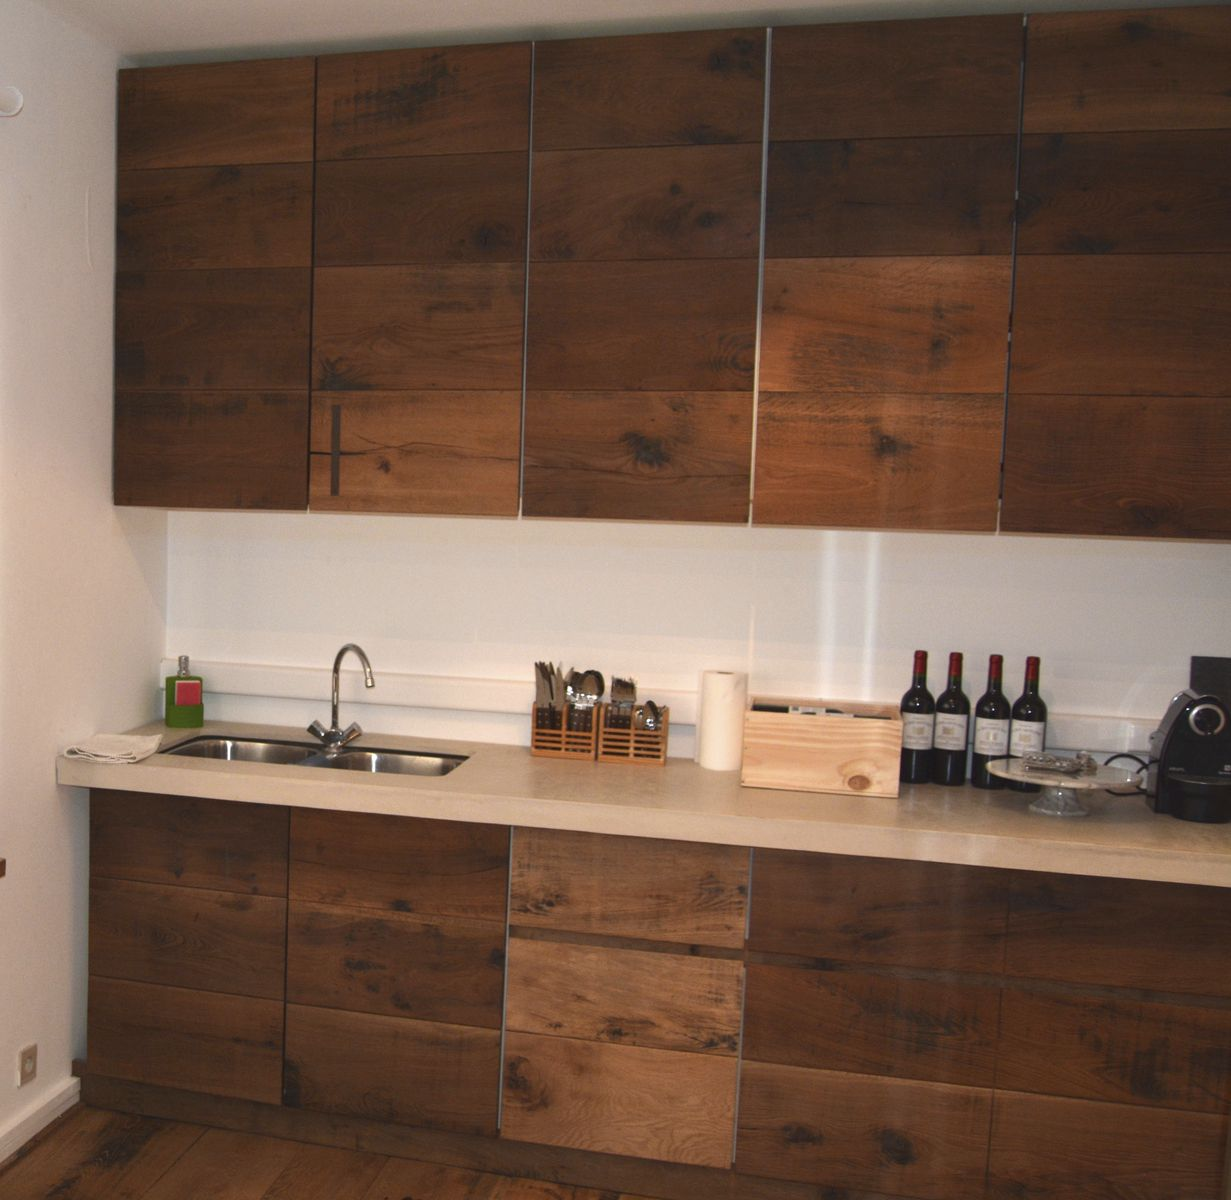 Pannelli Per Dietro Cucina pannello decorativo in legno - cabuy didier - per cucina